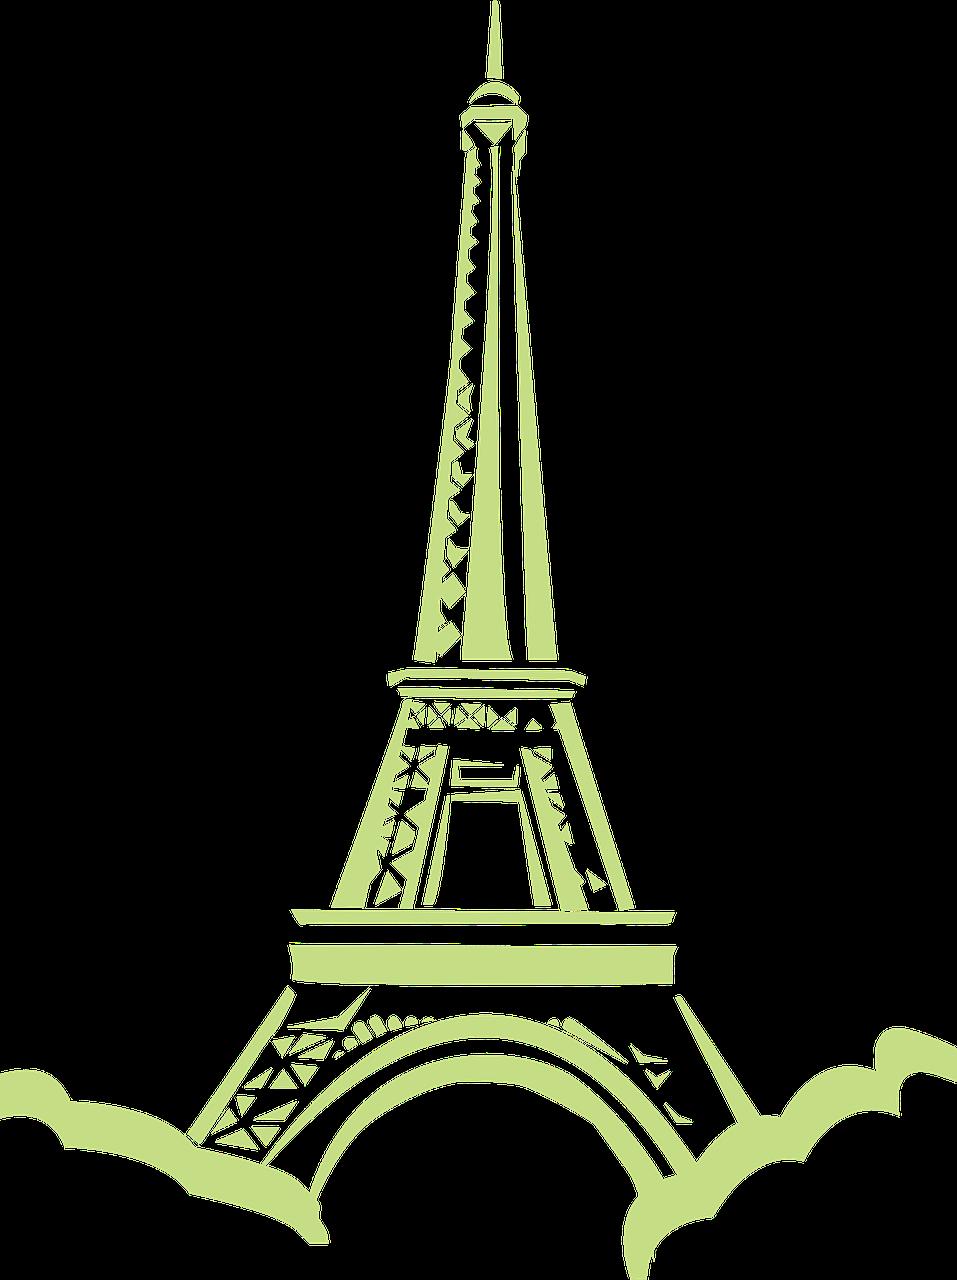 Eiffel tower eiffeltower. France clipart paris vintage